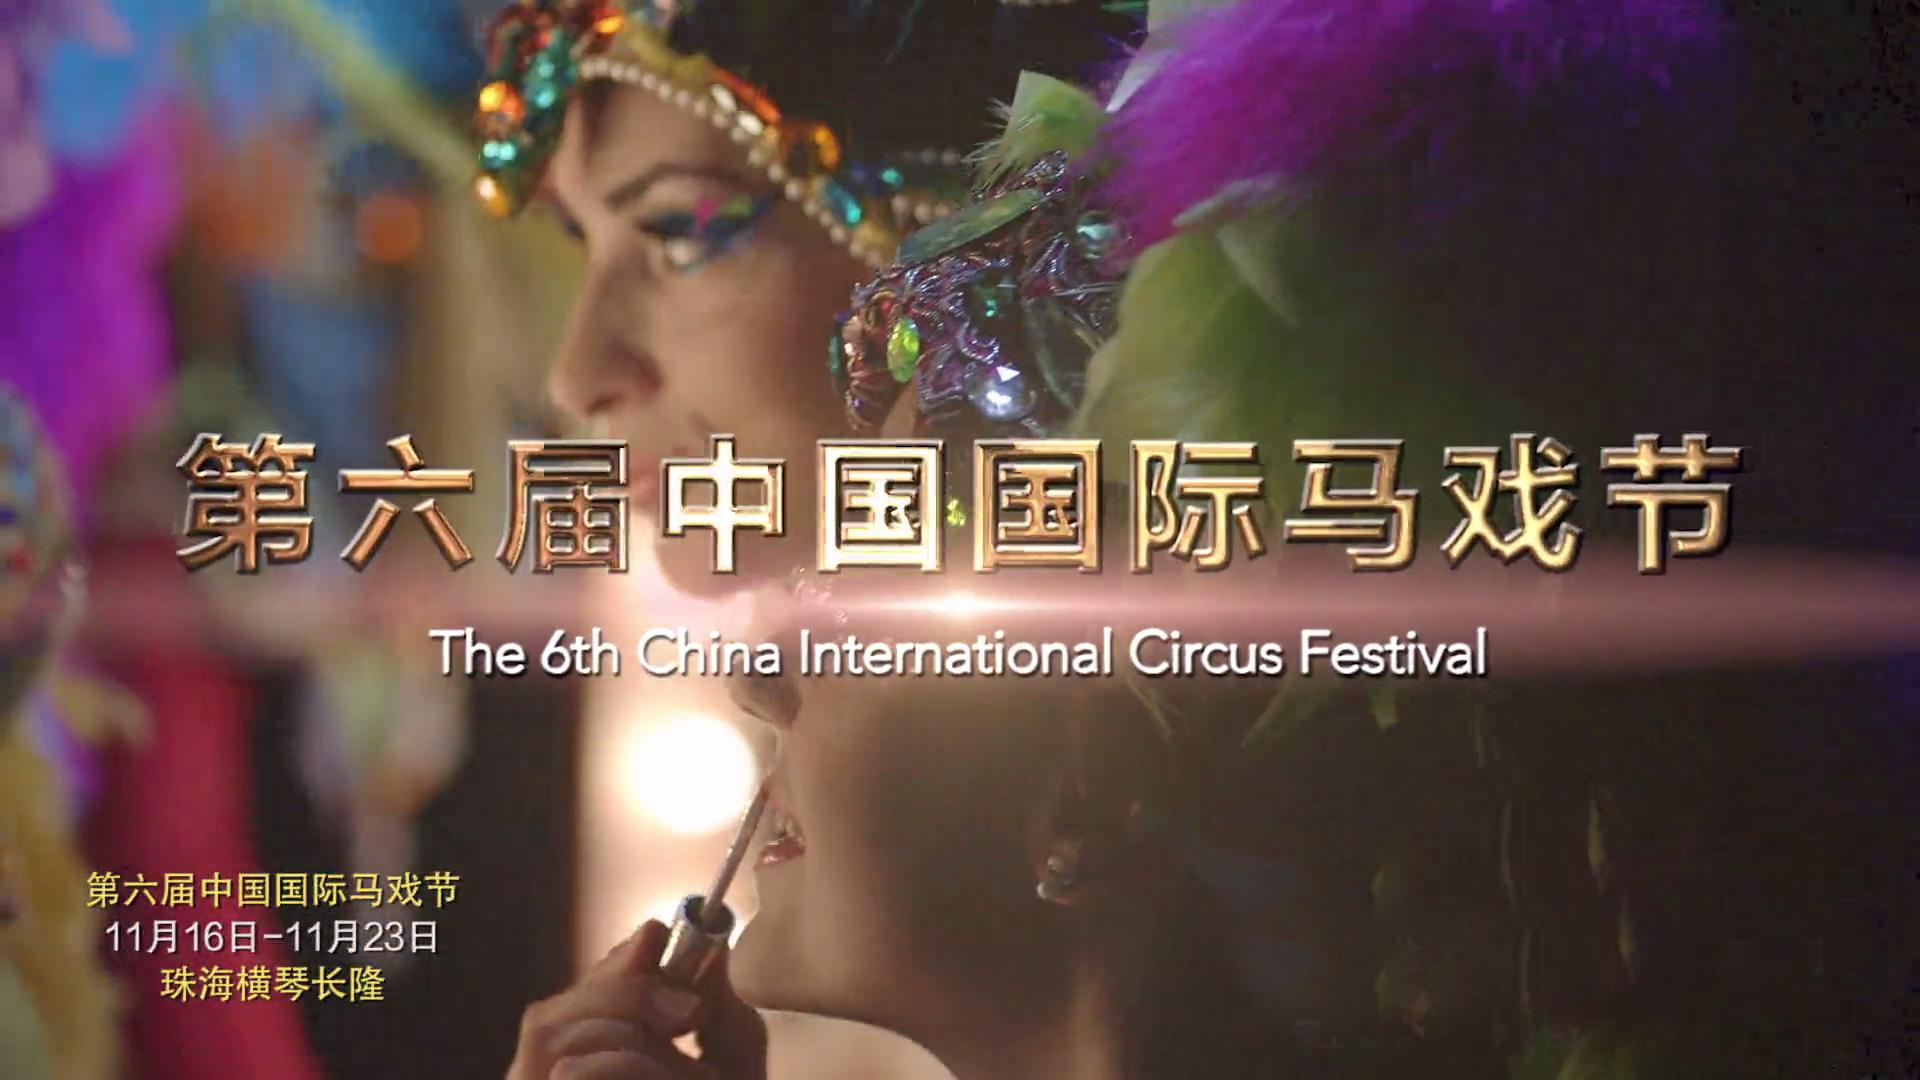 第六届中国国际马戏节在珠海长隆正式开幕